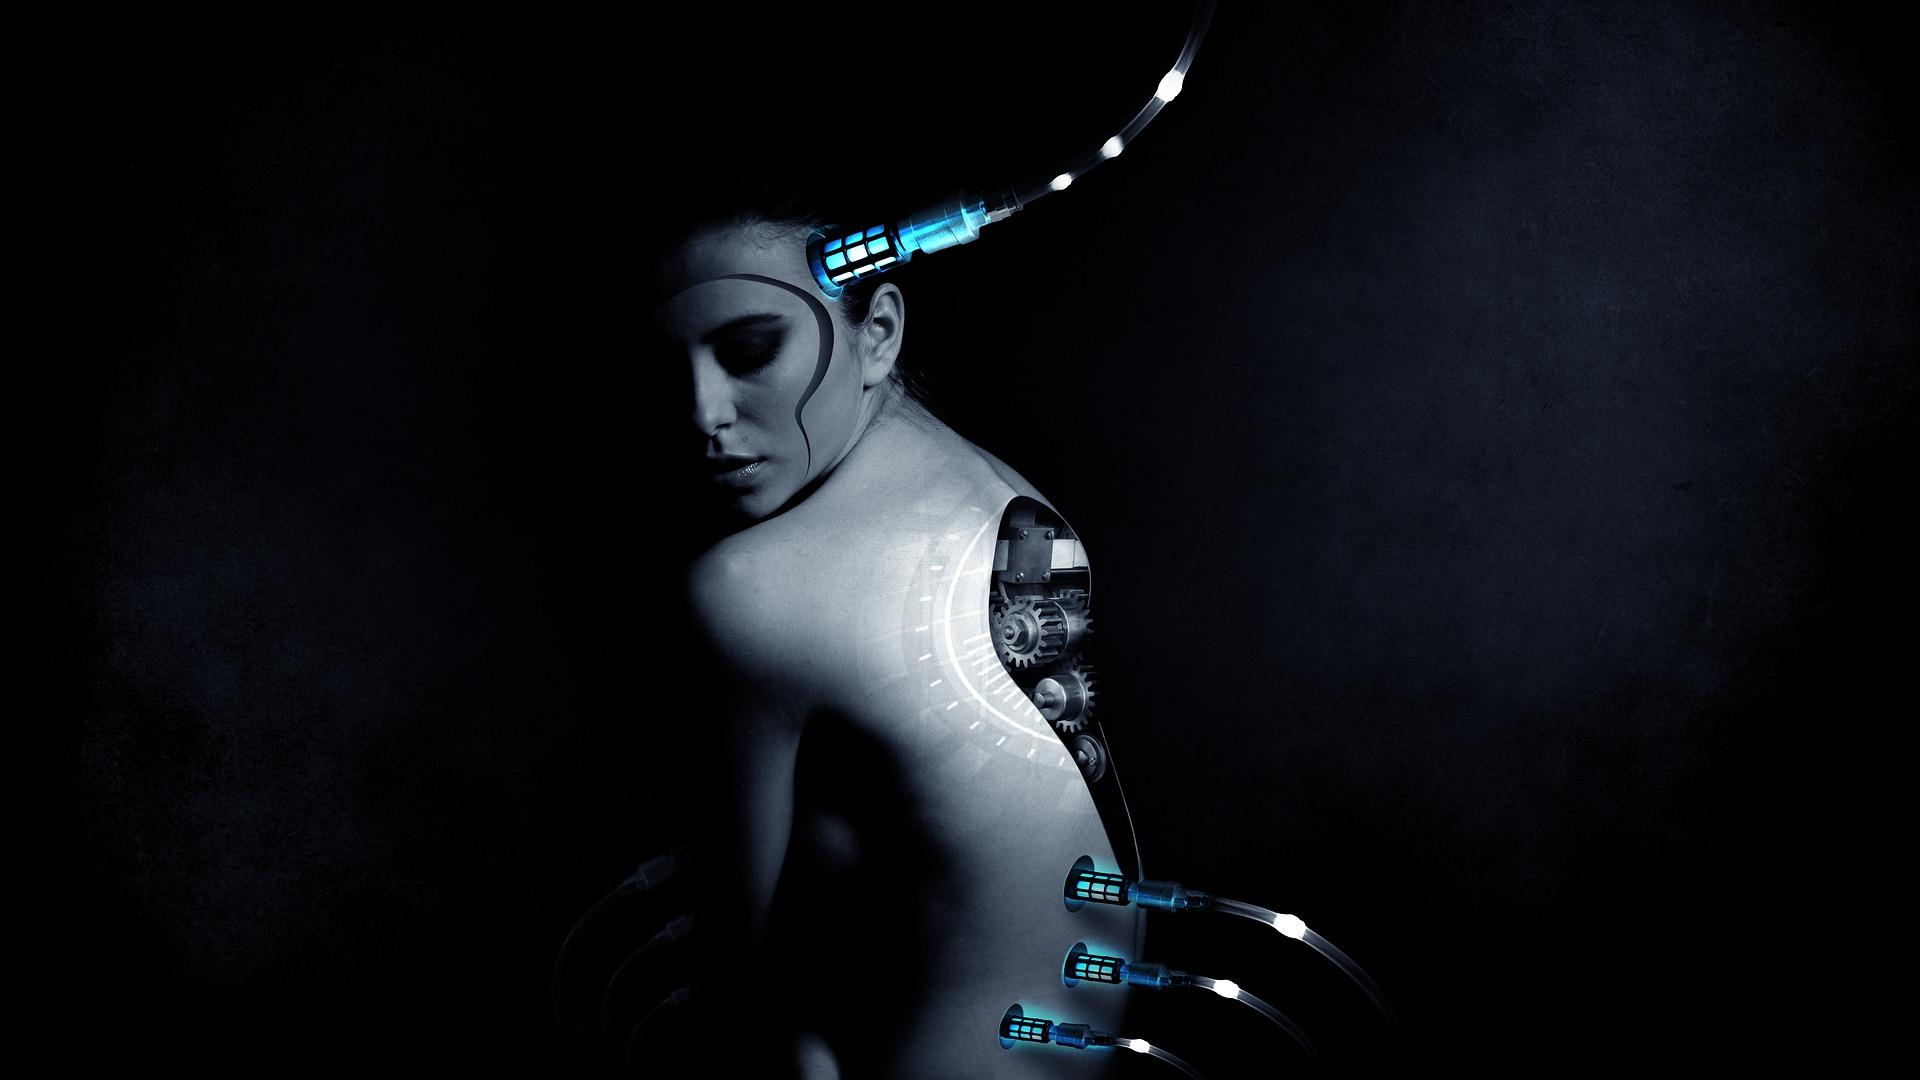 Pubblicate le indicazioni operative per un'intelligenza artificiale affidabile